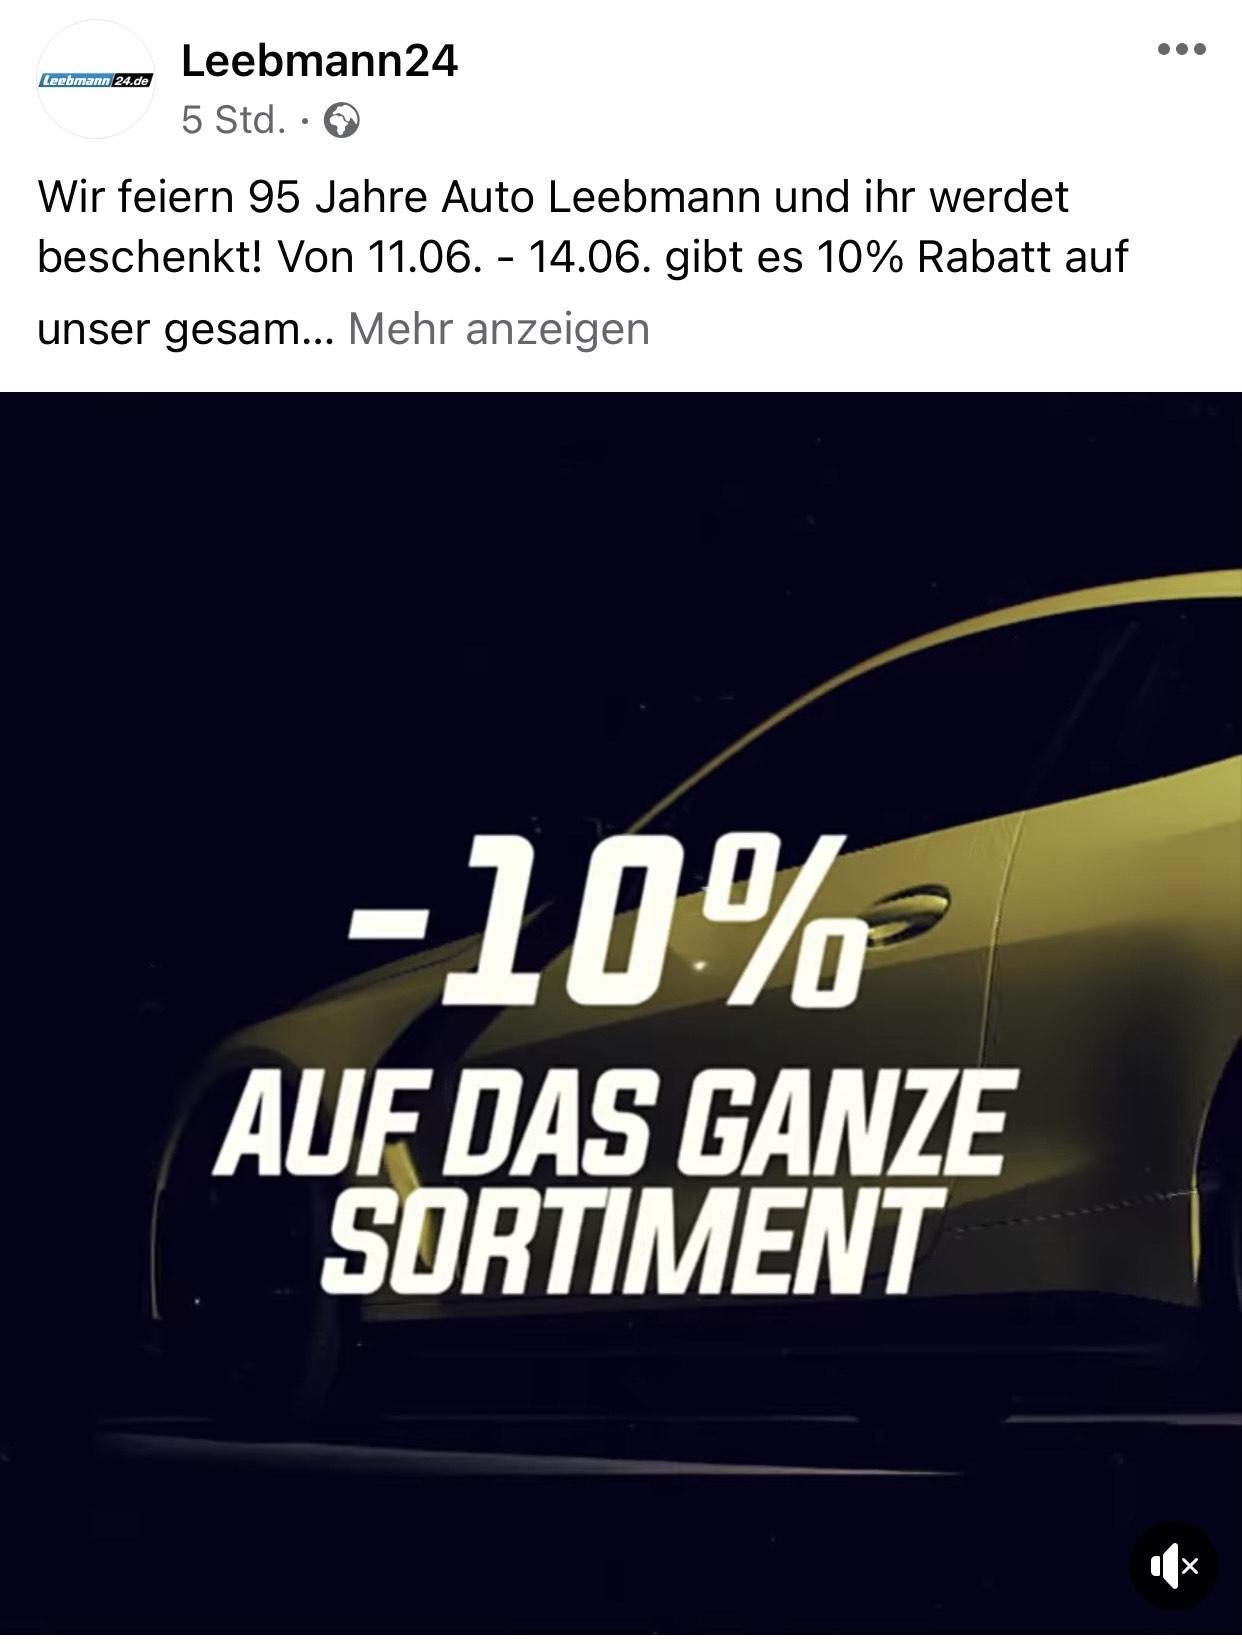 Leebmann24 feiert 95 Jahre Auto Leebmann! 10% Rabatt auf das gesamte Sortiment!